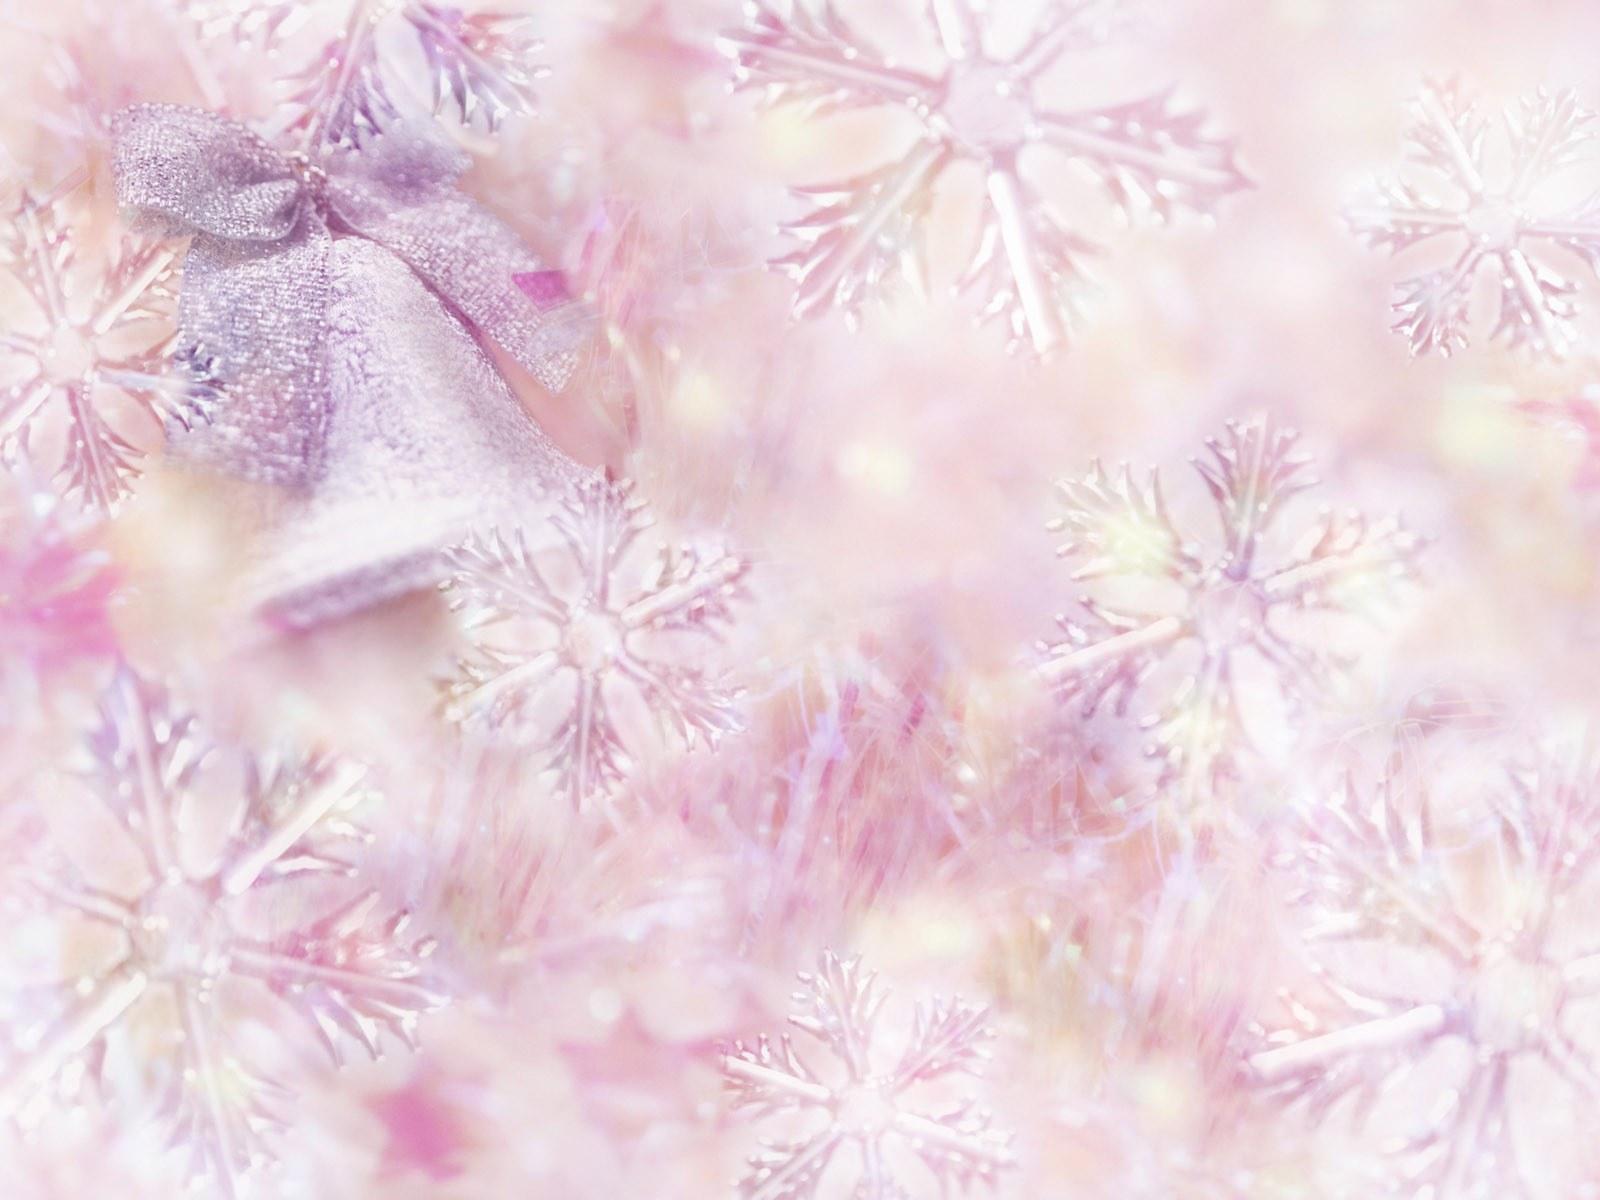 壁纸1600×1200快乐圣诞